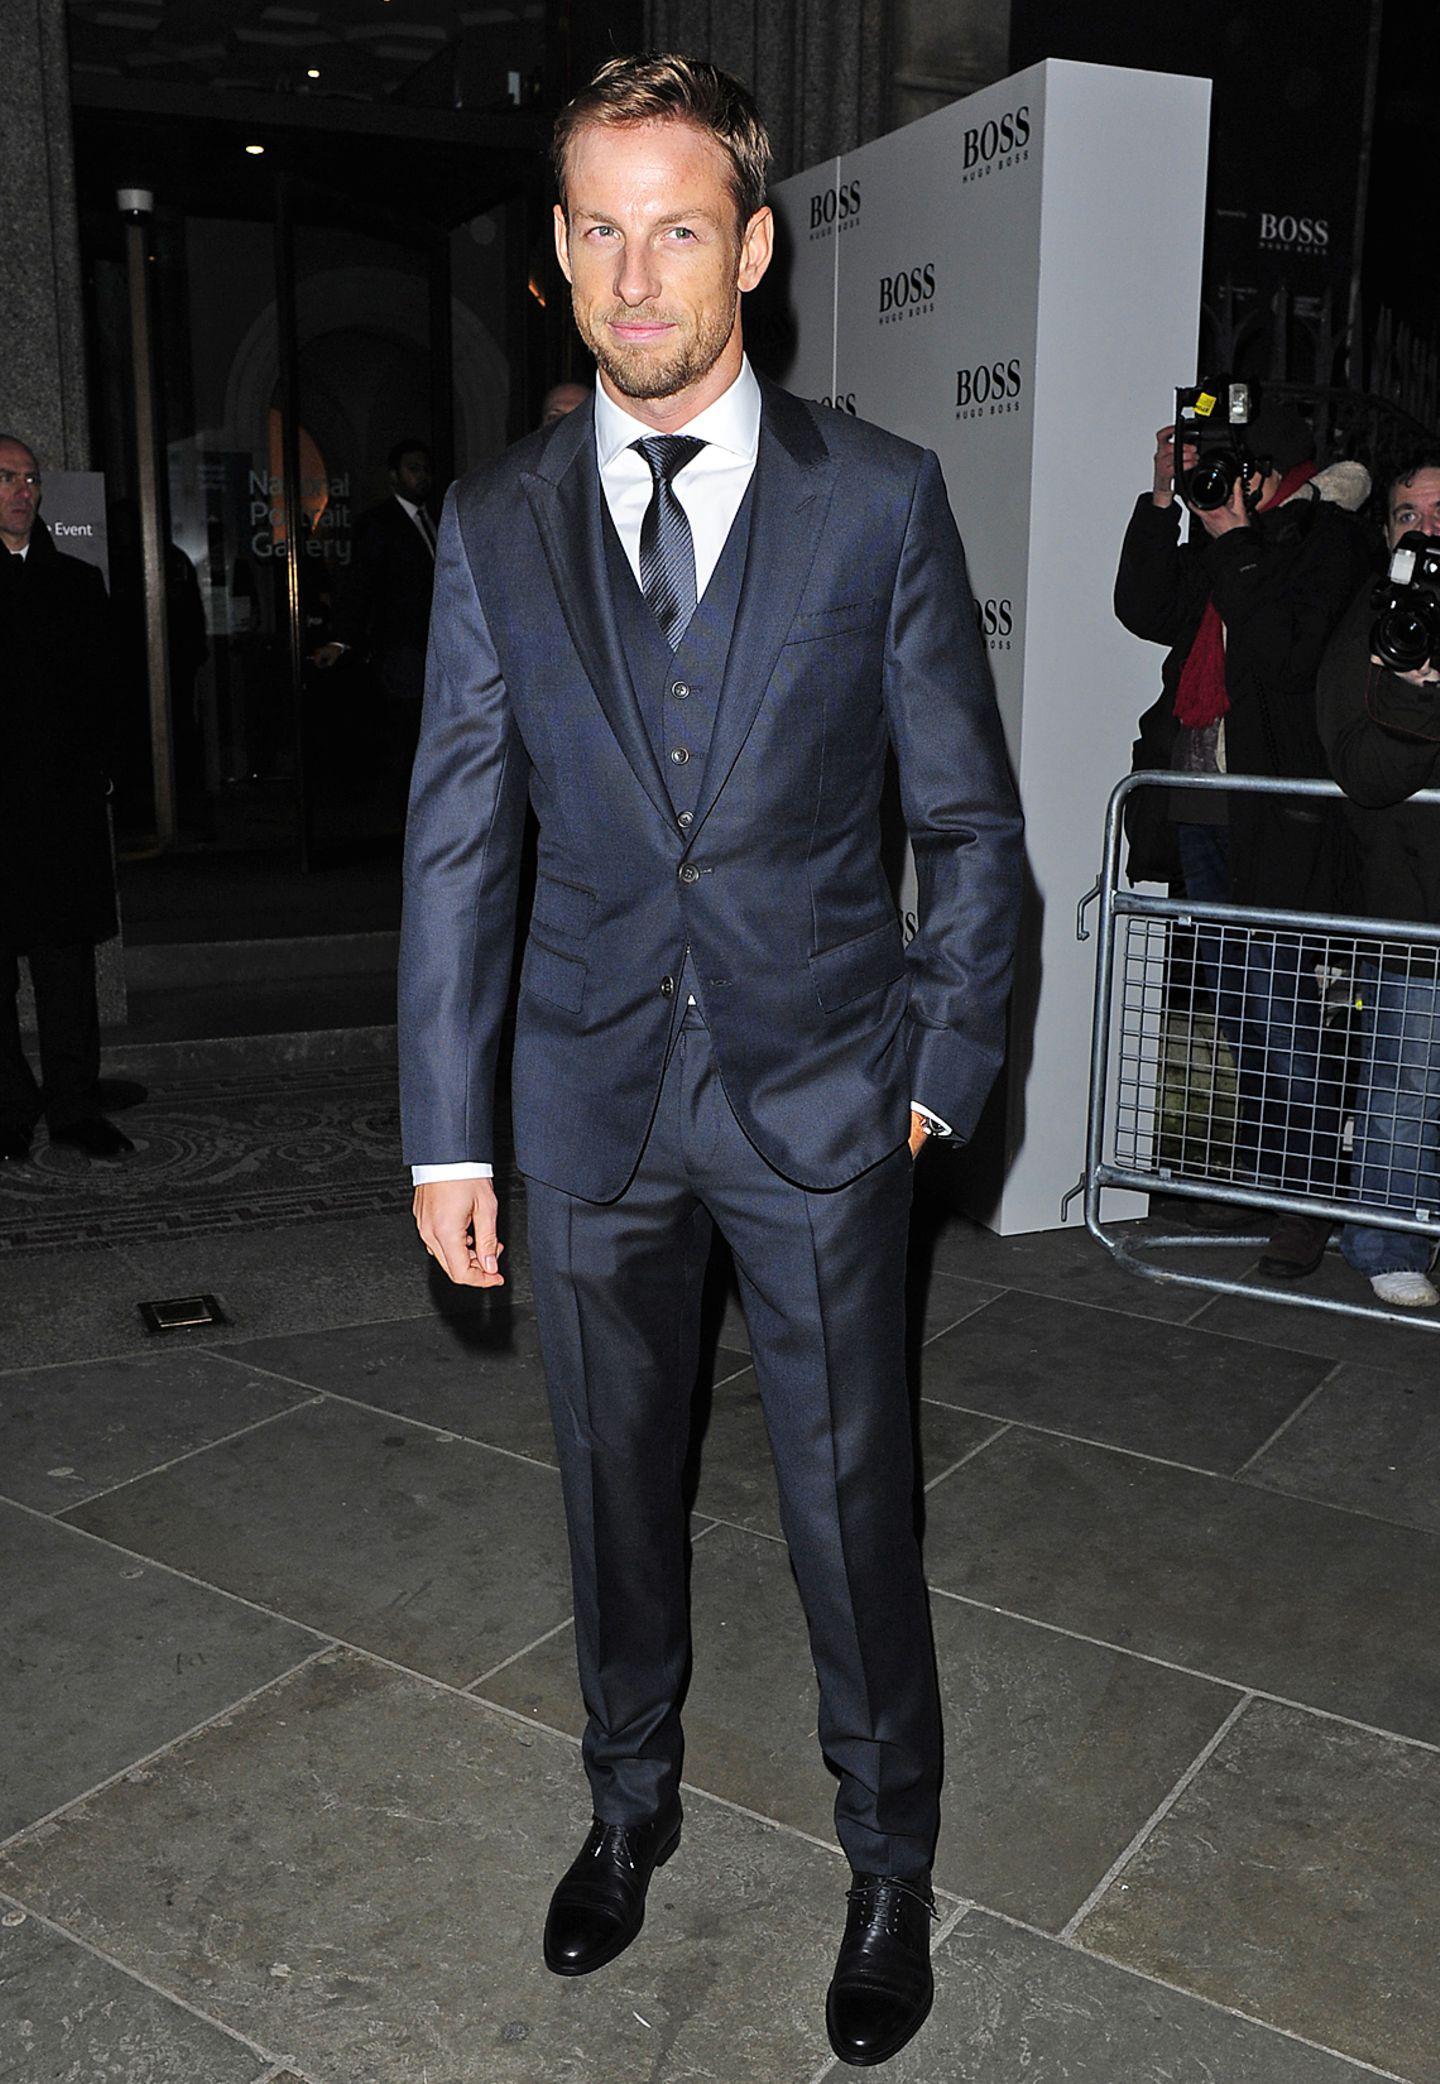 Formel-1-Pilot Jenson Button besucht im eleganten Dreiteiler eine Ausstellungseröffnung in London. Durch den schimmernden, nachtblauen Stoff wirkt der Look sehr modern.